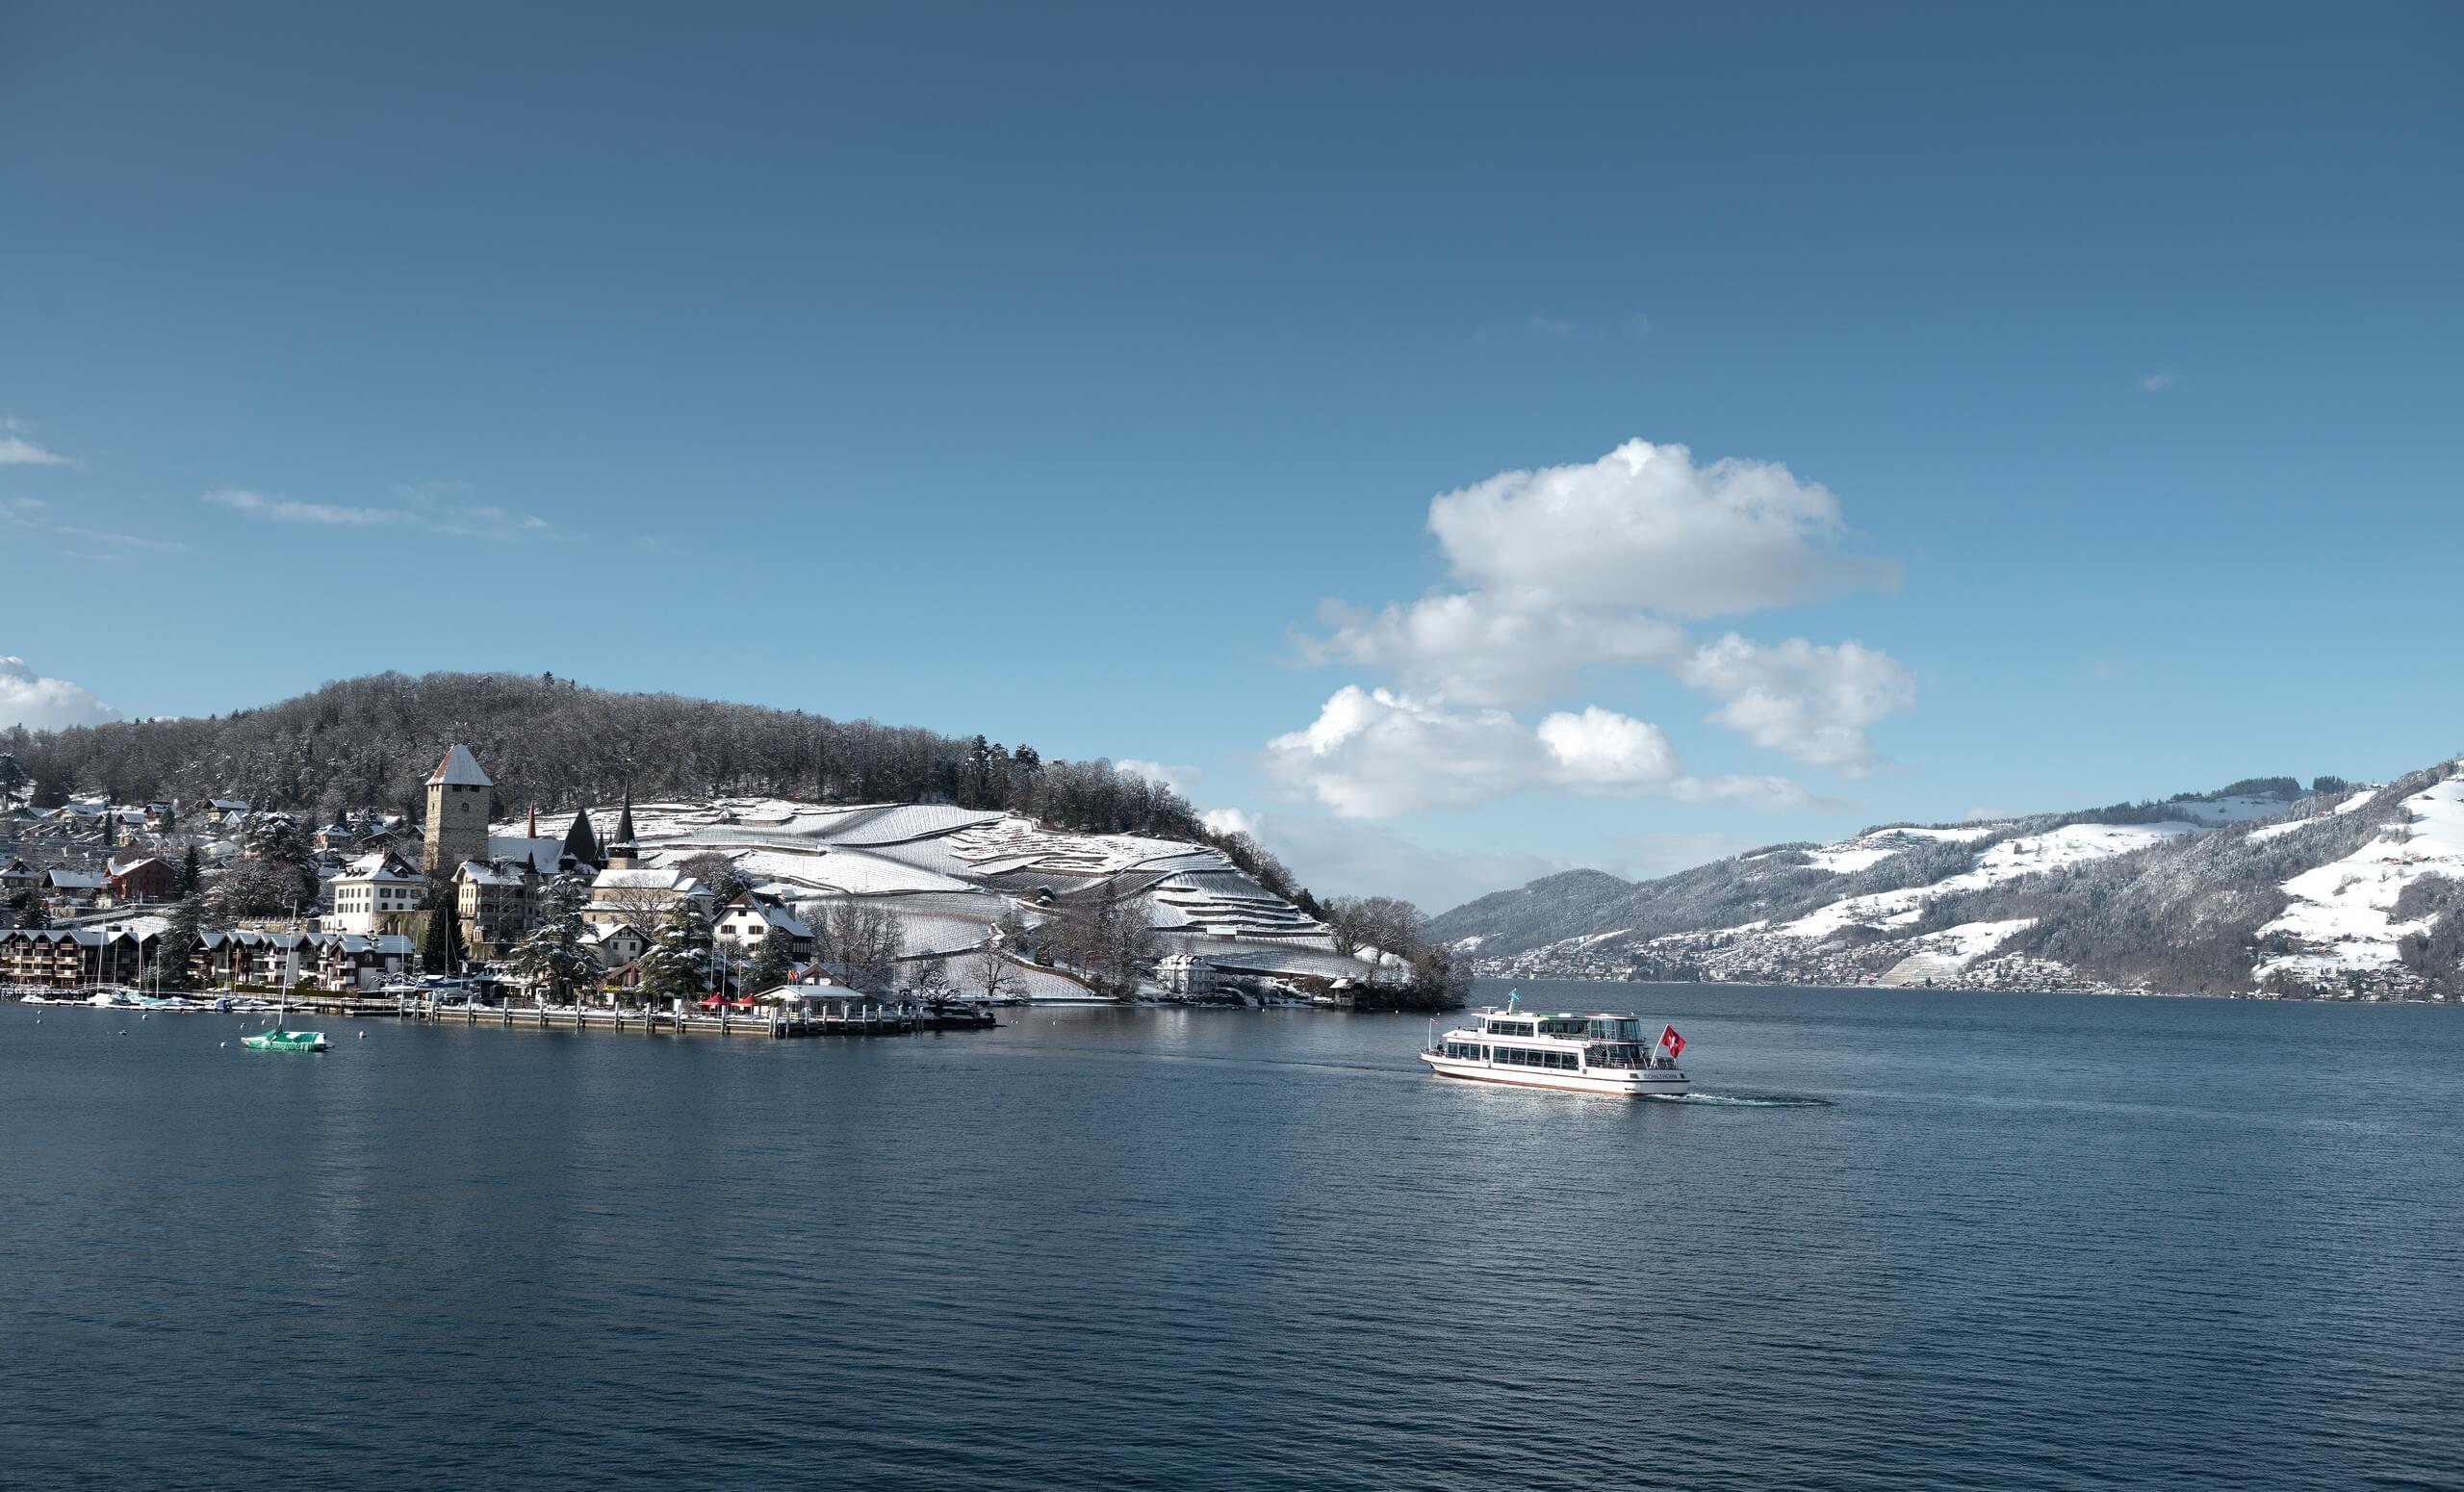 thunersee-schifffahrt-winter-spiez